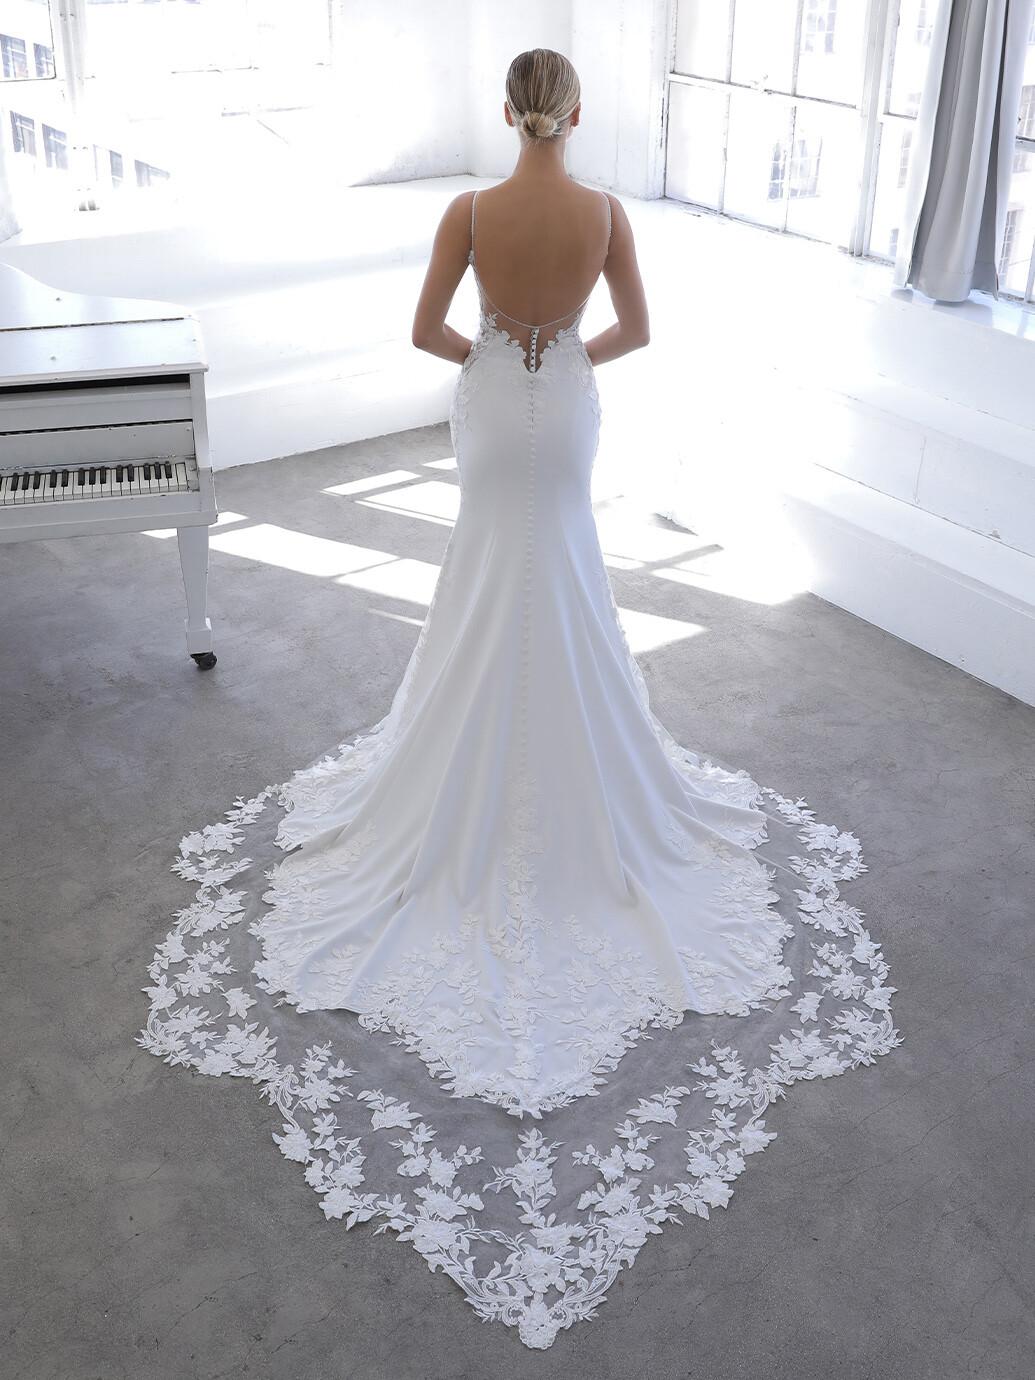 Godet-Brautkleid in Weiß mit Spitzentop, Plunge-Ausschnitt und Spaghettiträgern von Blue by Enzoani, Modell Nigella